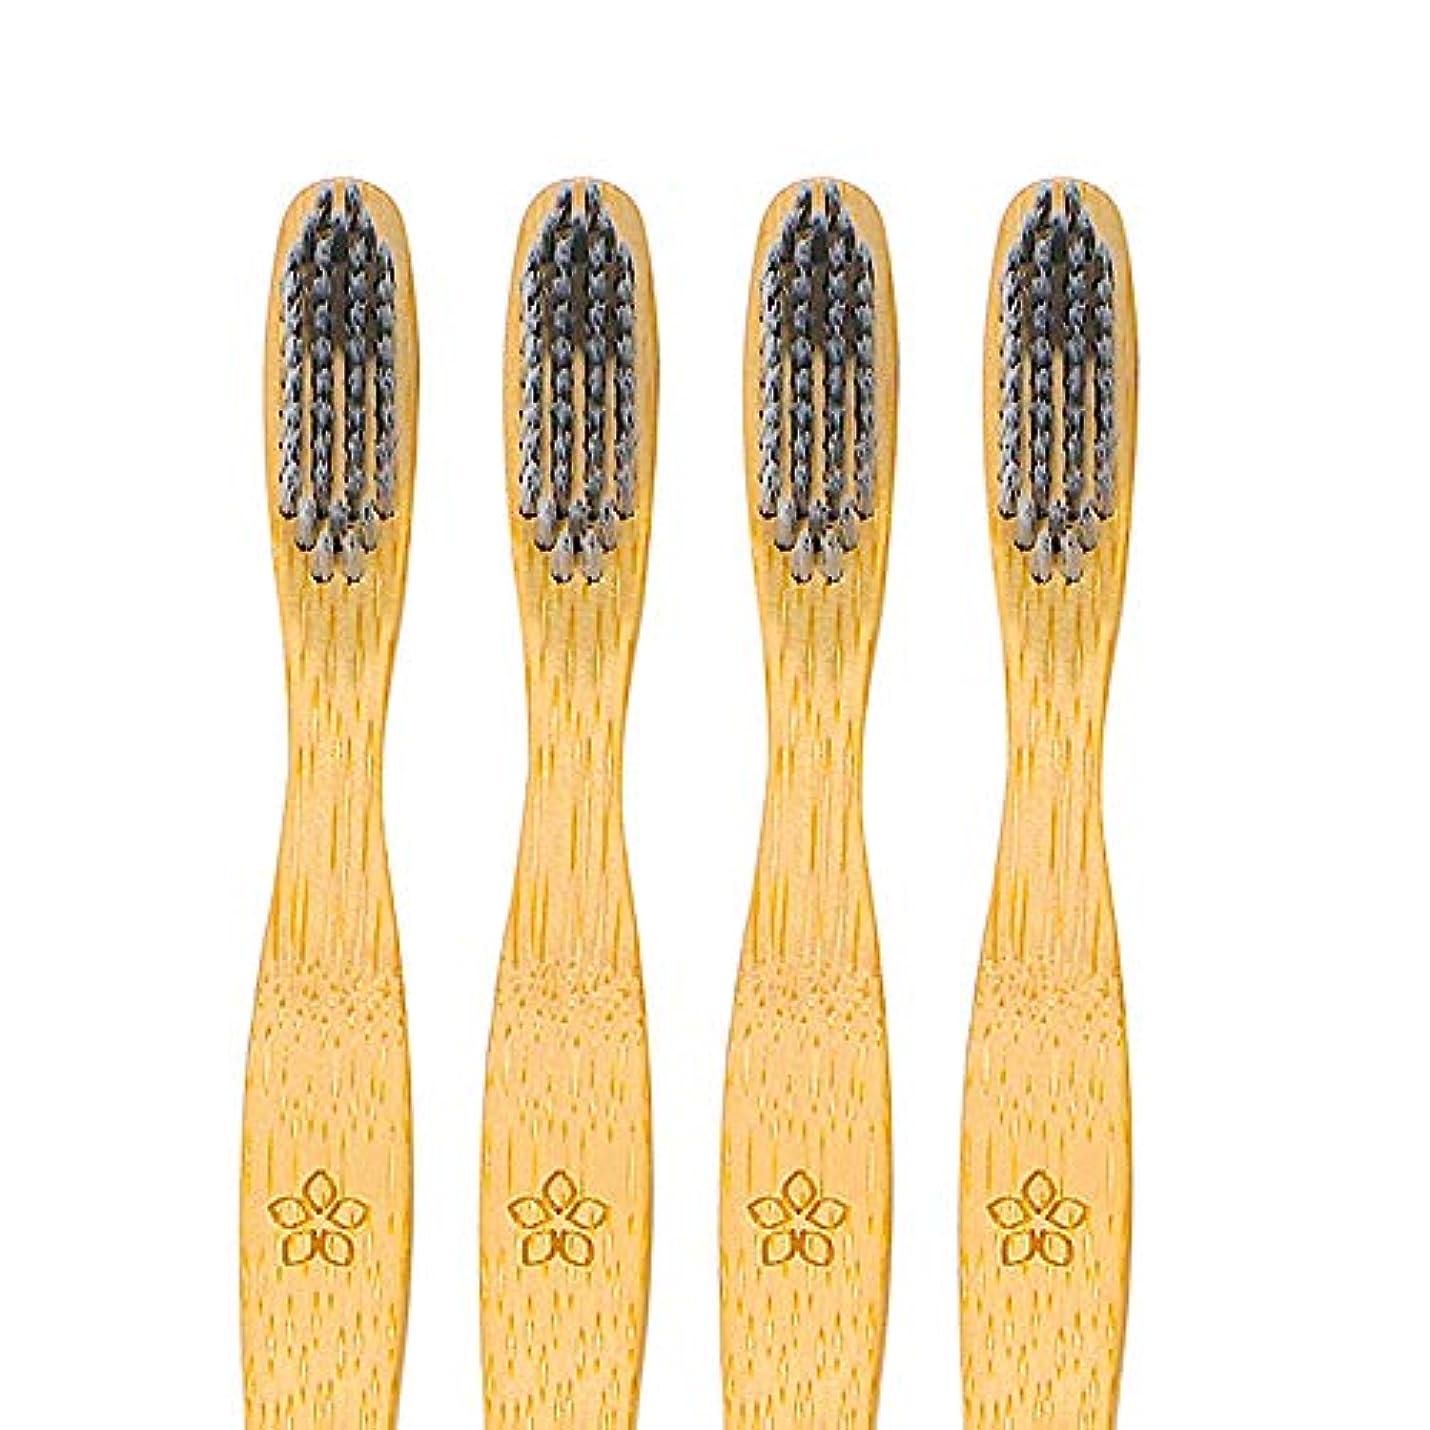 フリンジ群衆アコー竹の歯ブラシ やわらかめ 活性炭入り 極繊細毛 4本セット 100%生分解性  プラスチックフリー